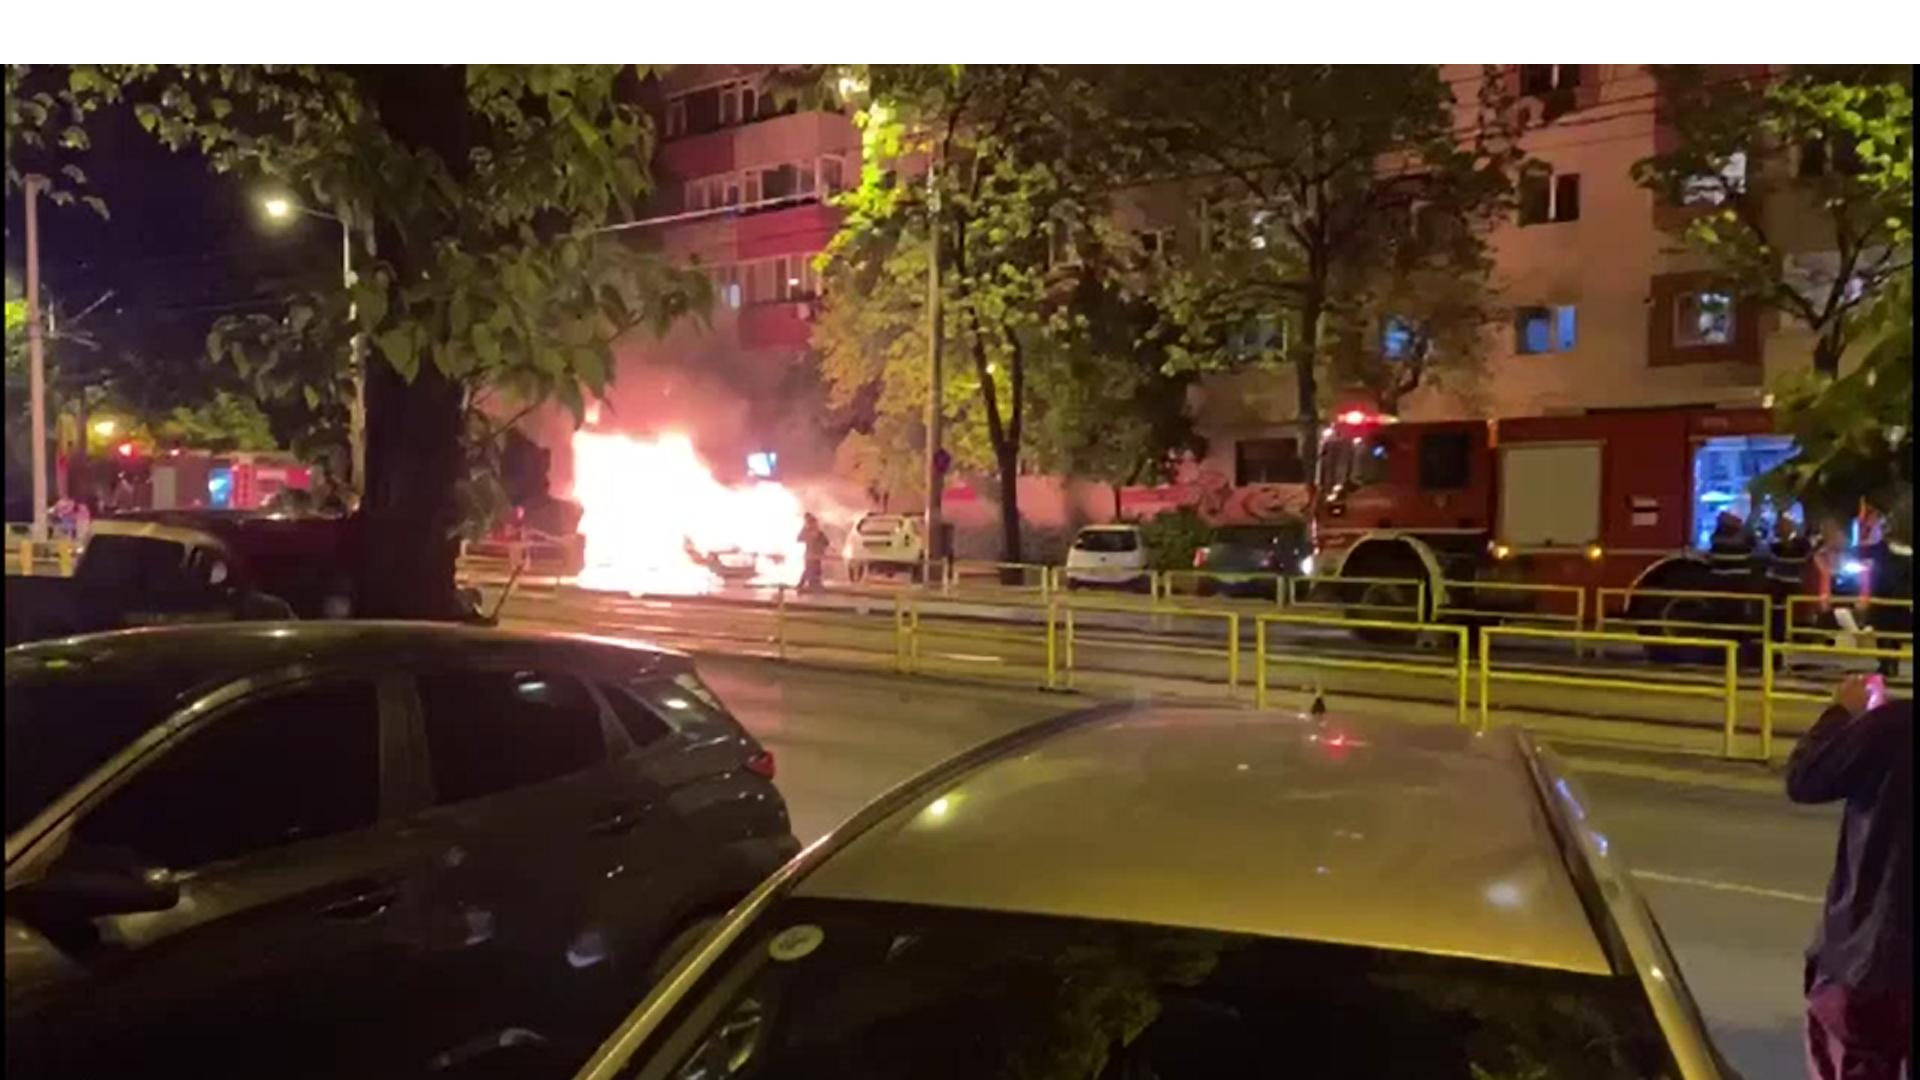 Patru mașini au fost cuprinse de flăcări în Capitală. Incendiul ar fi pornit de la un autoturism care a luat foc în mers